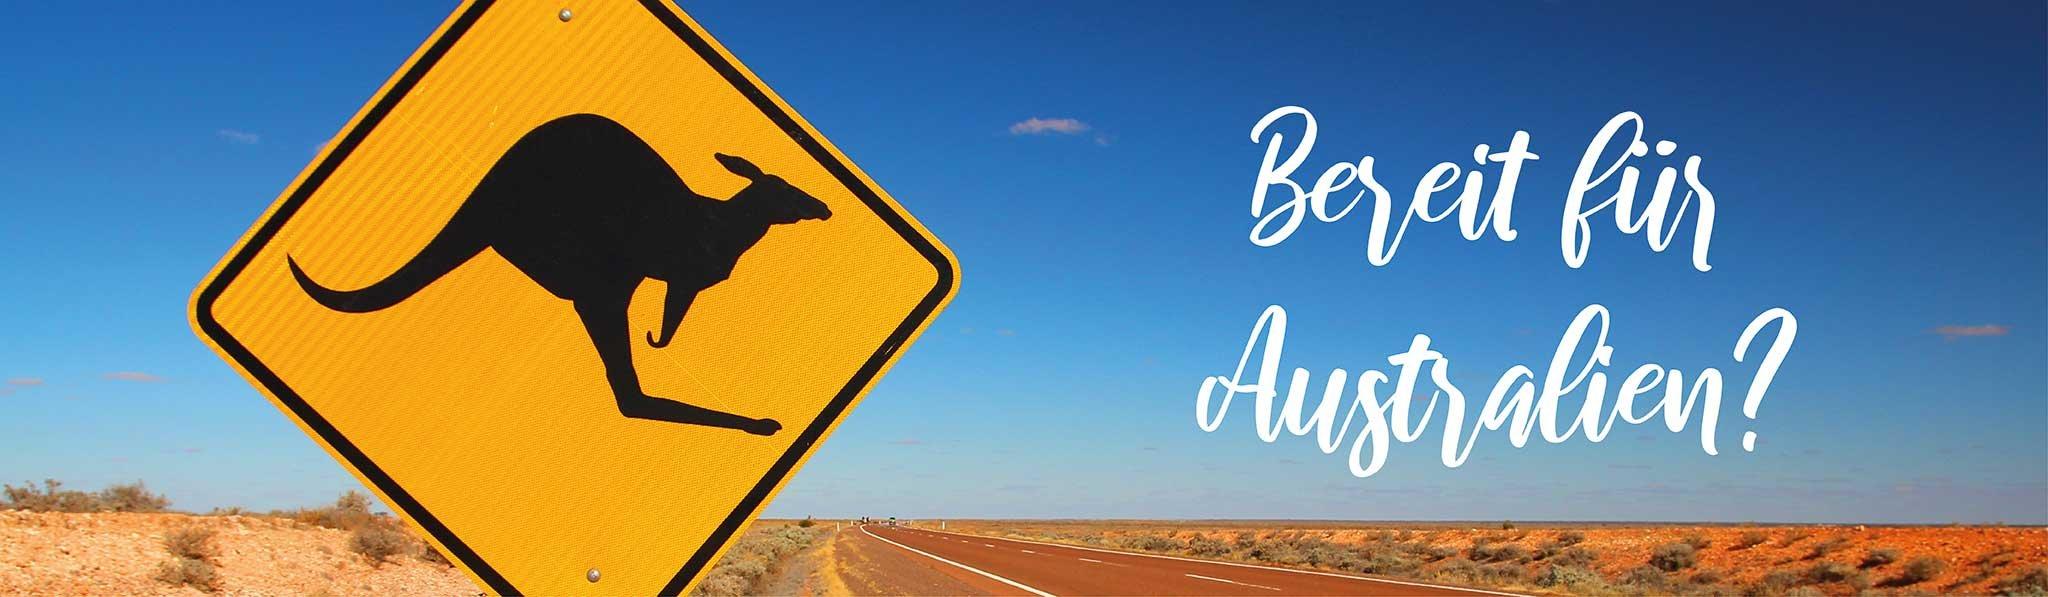 Bereit für Australien?